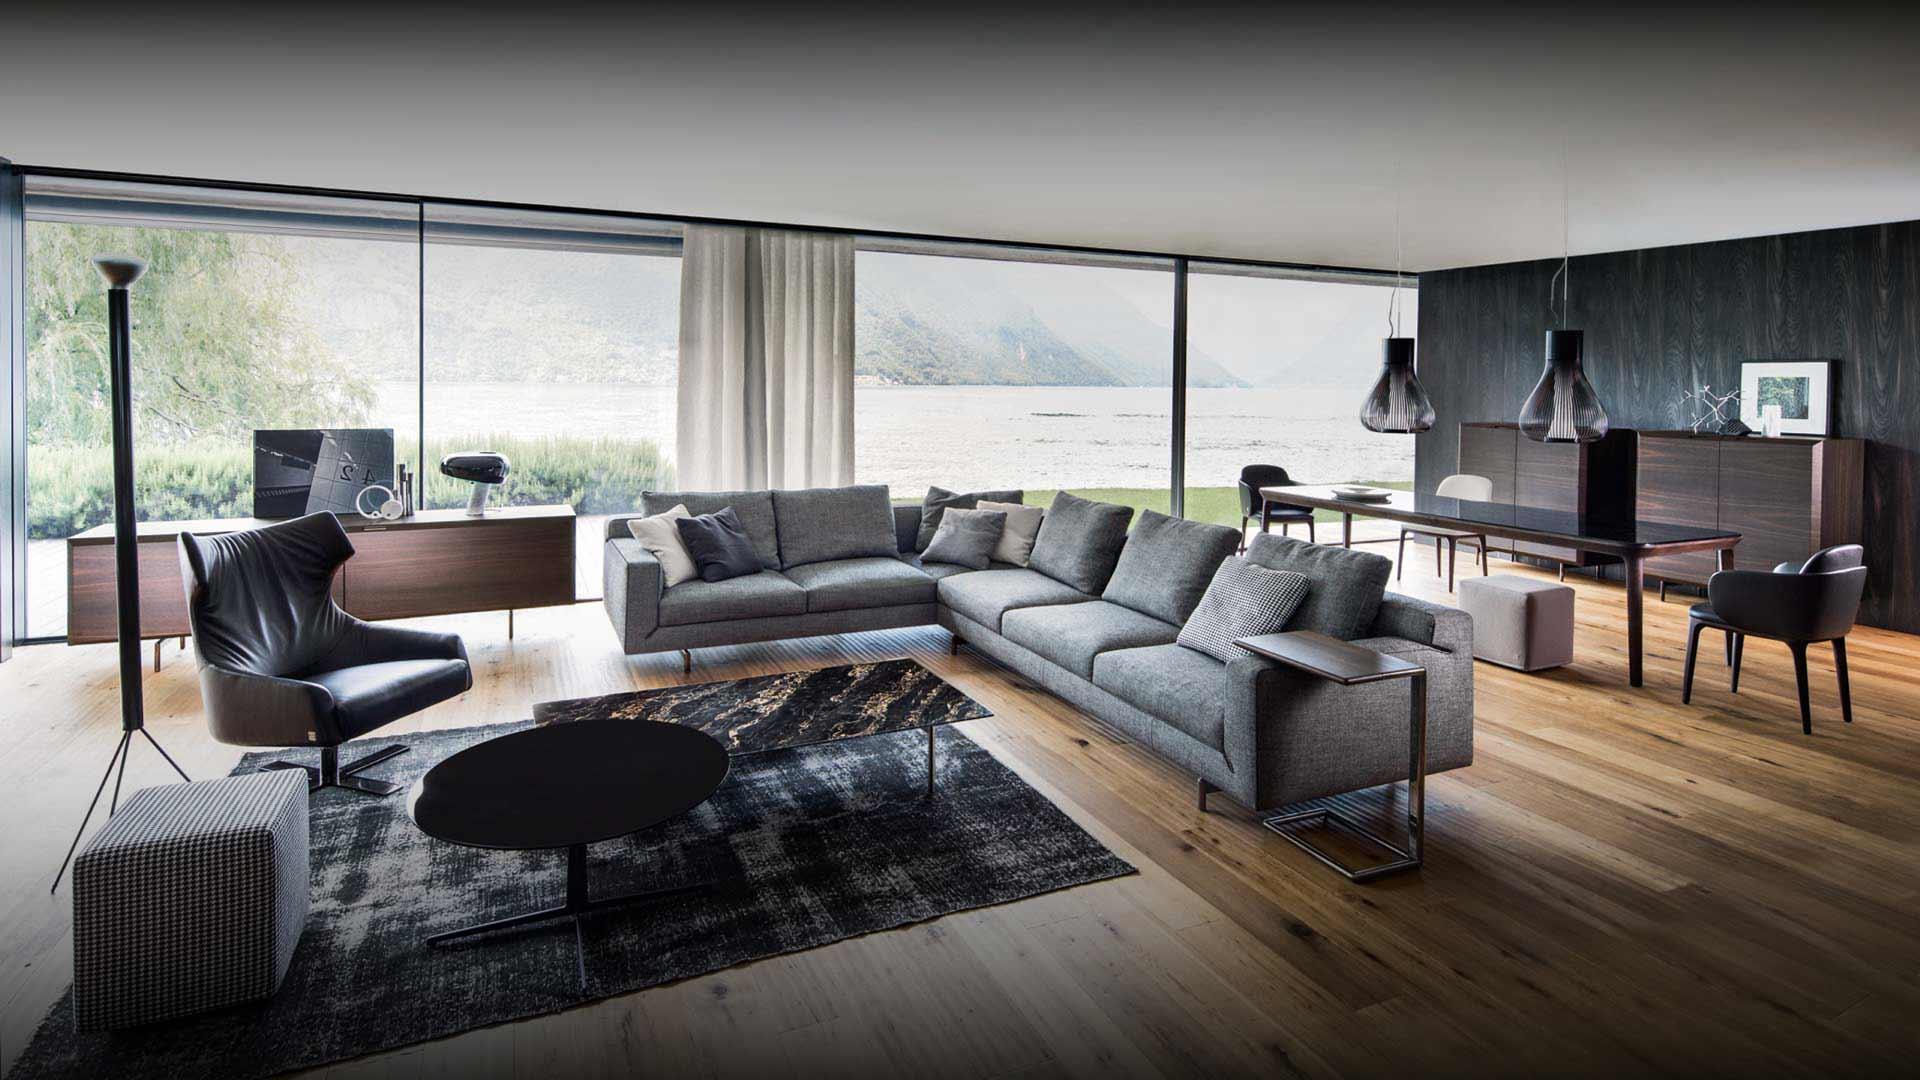 Best divani busnelli prezzi contemporary for Busnelli arredamenti